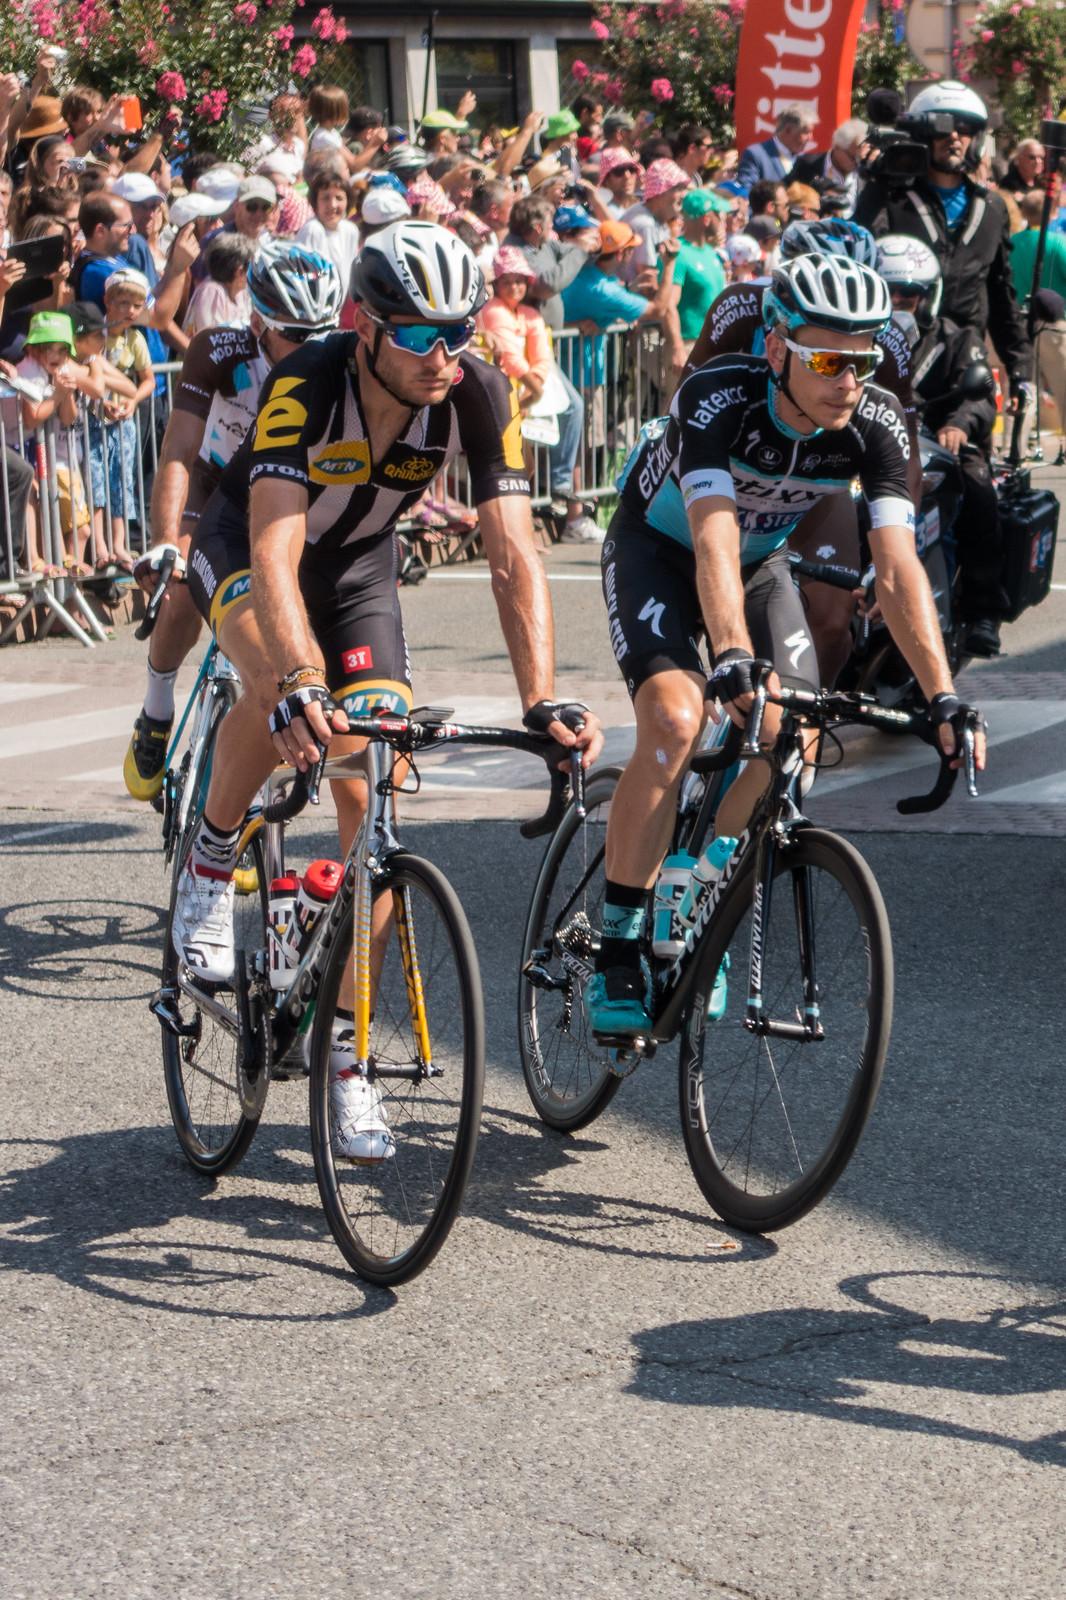 Tour de France 2015 - Stage 12-15